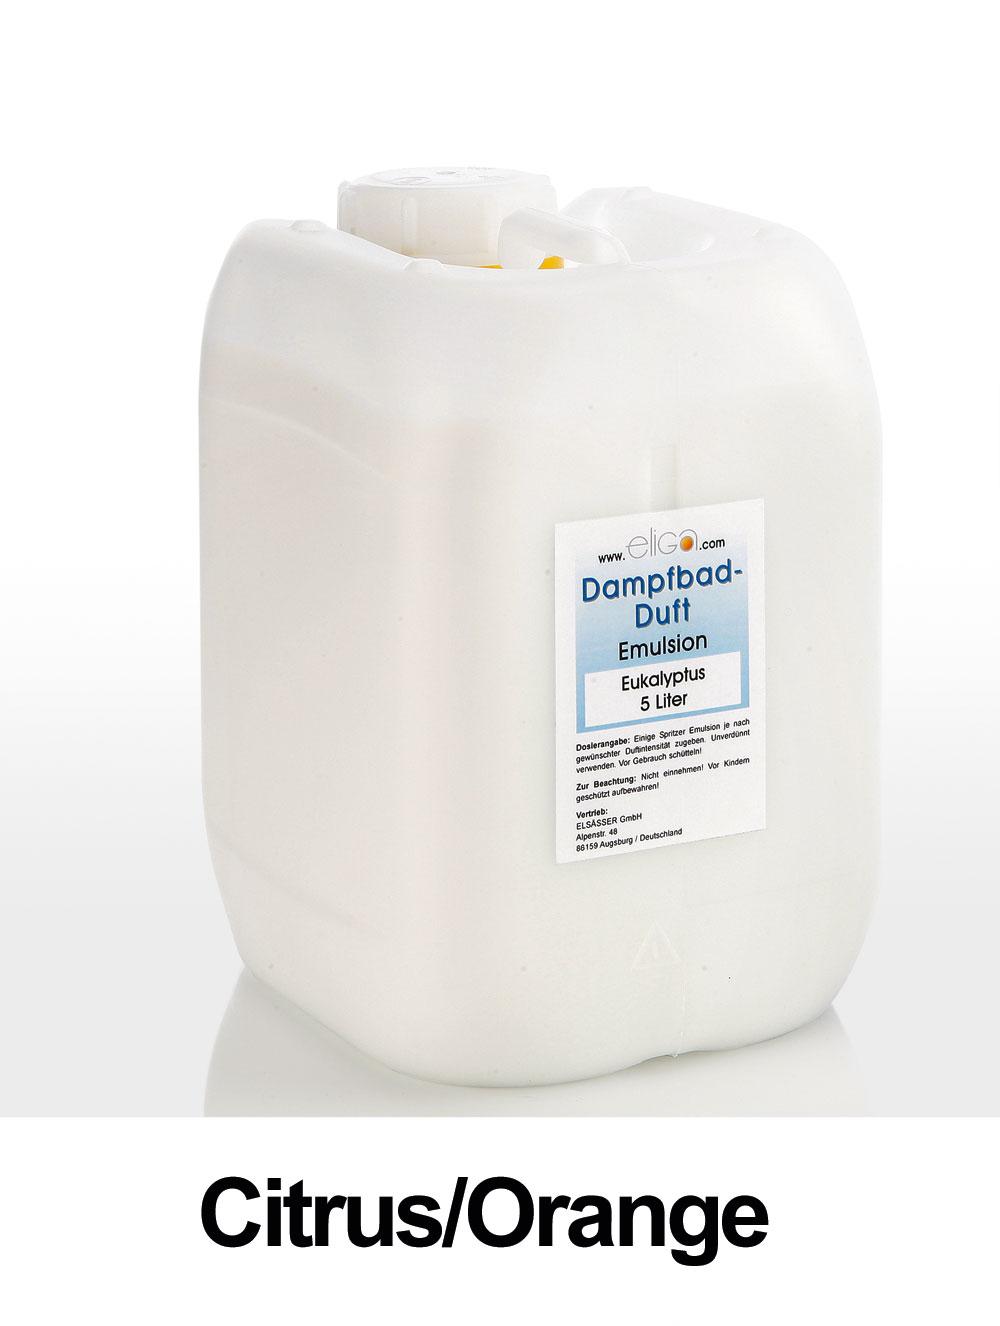 Eliga Dampfbad Duft Citrus / Orange 5 Liter Bild 1